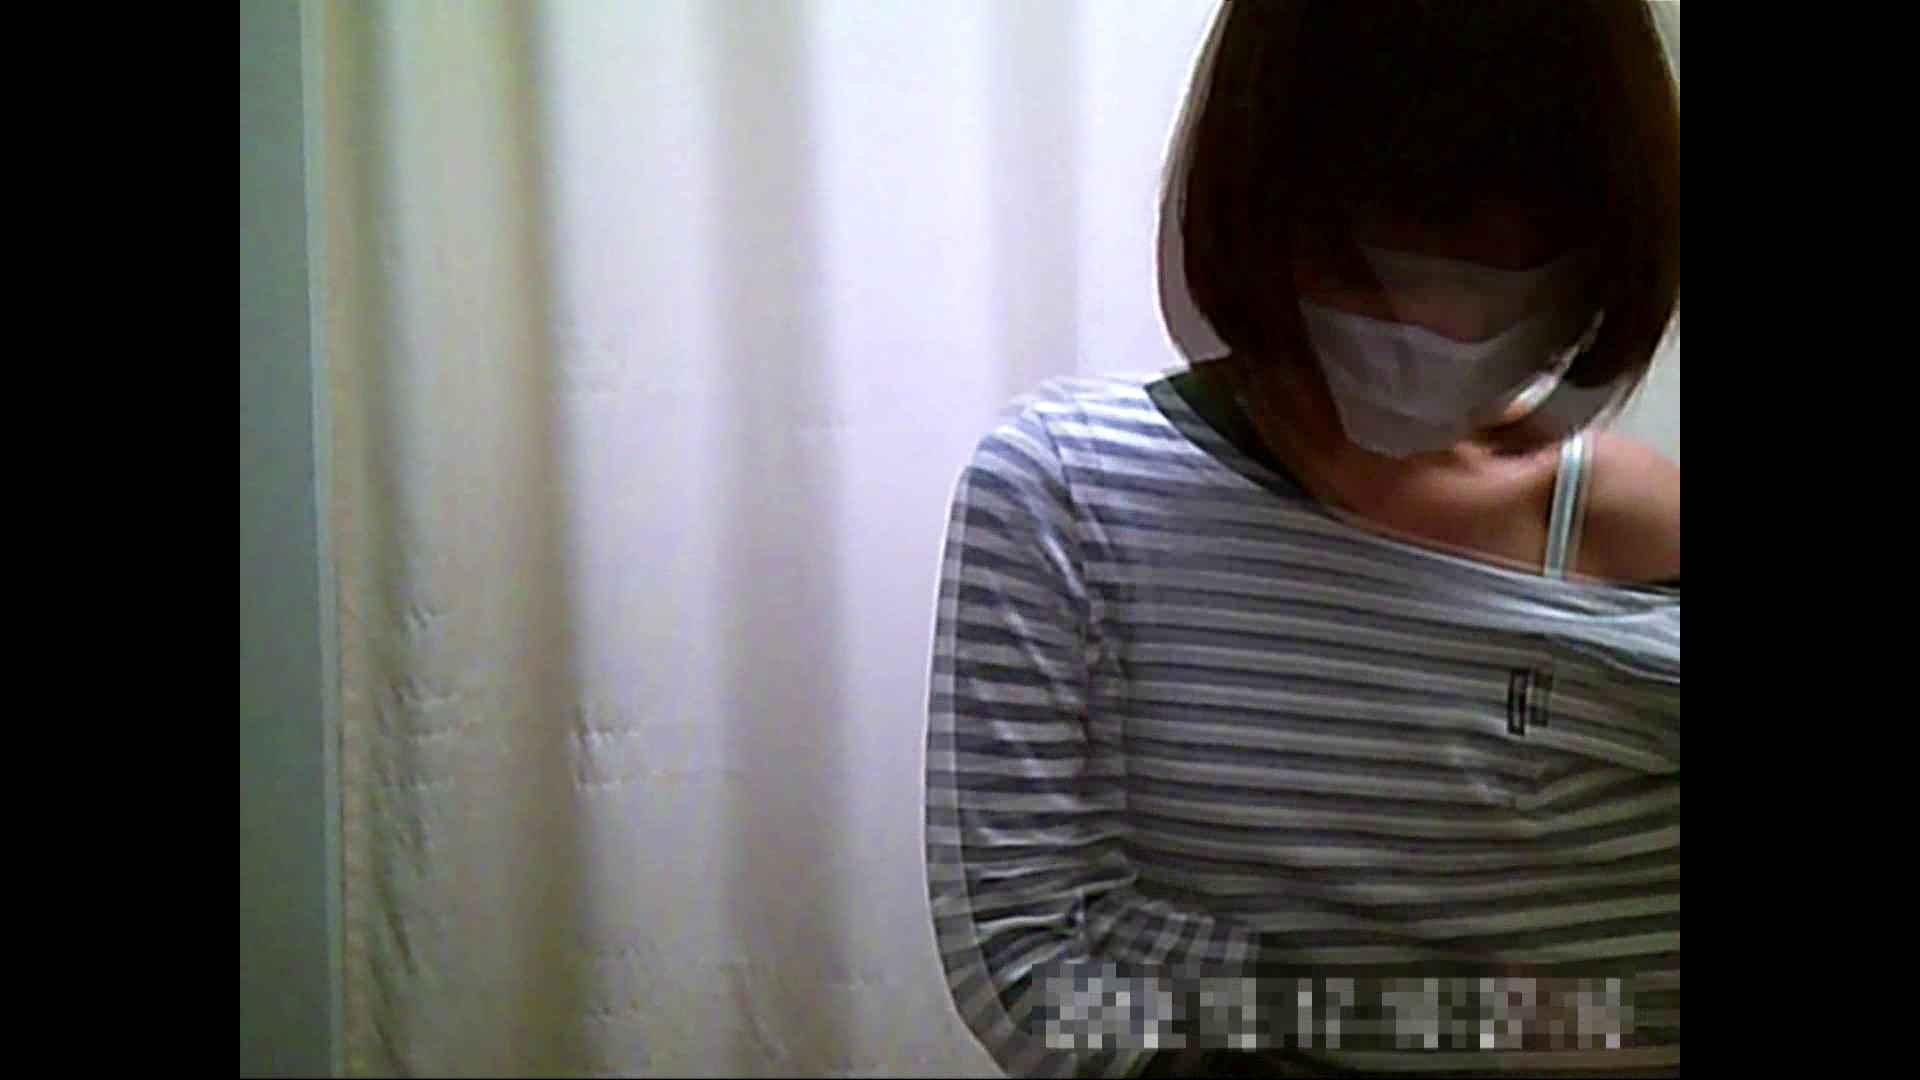 病院おもいっきり着替え! vol.179 盗撮 オマンコ無修正動画無料 66PIX 65